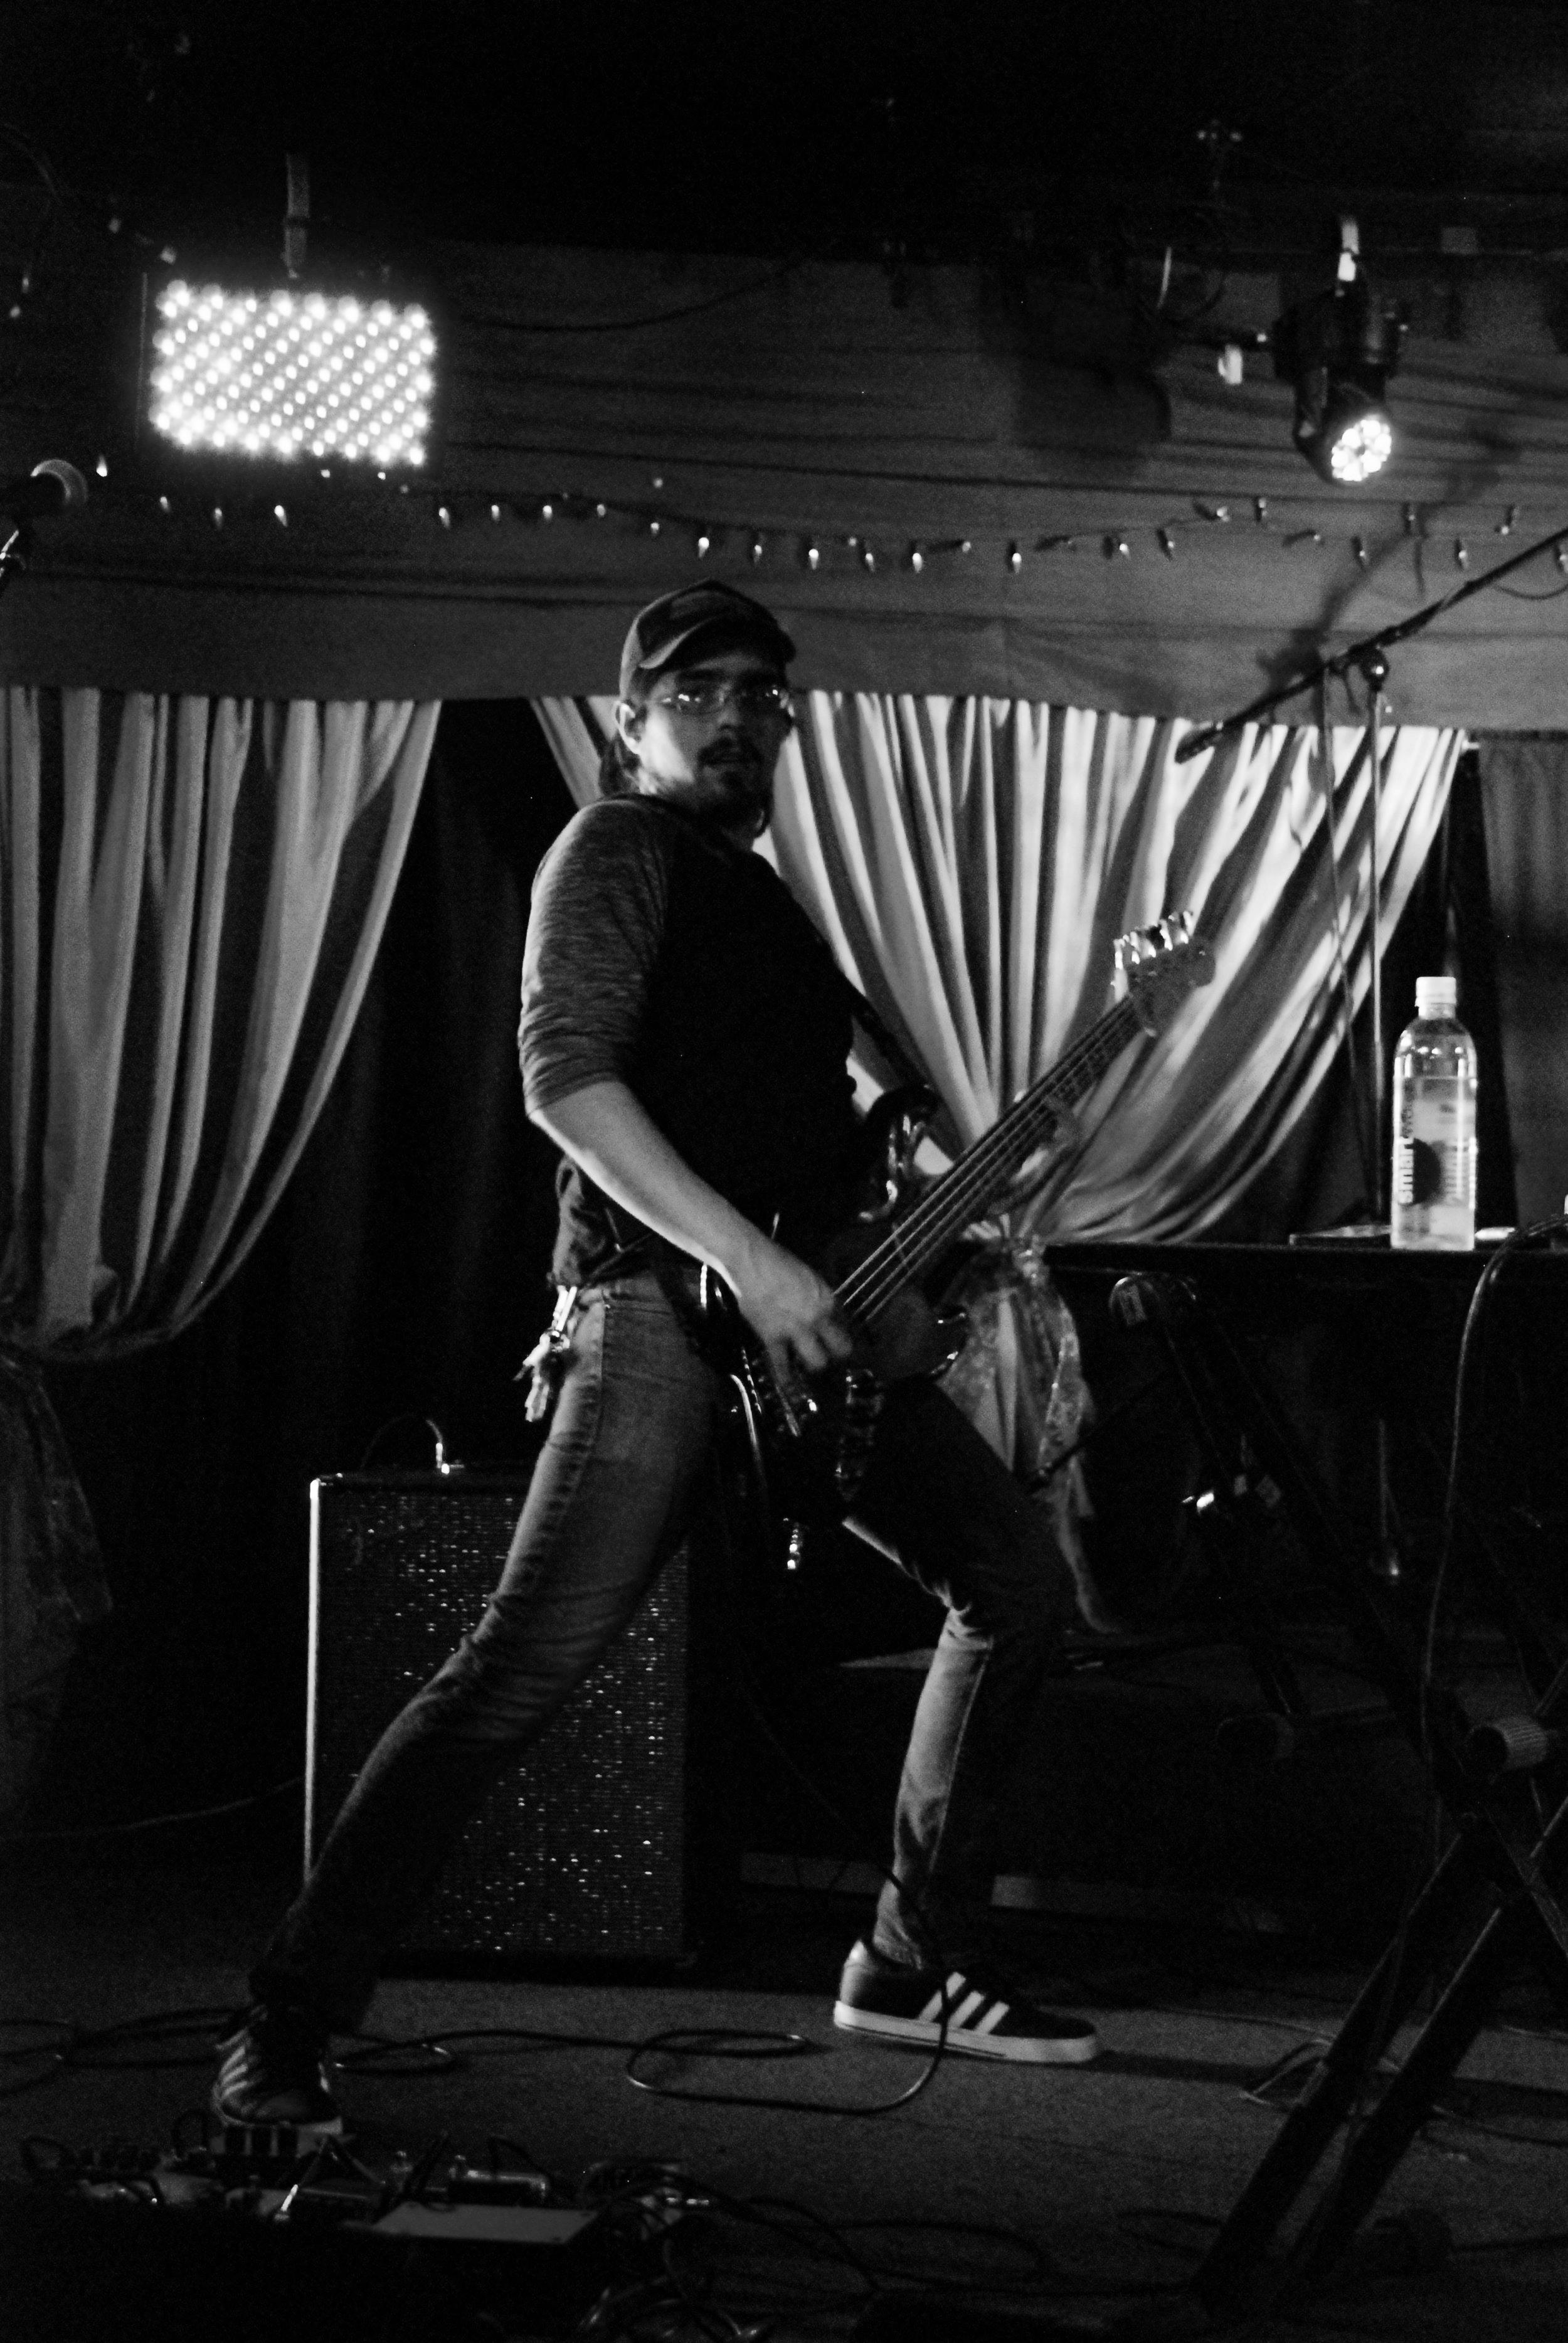 Jeff Kaslowski with bass guitar